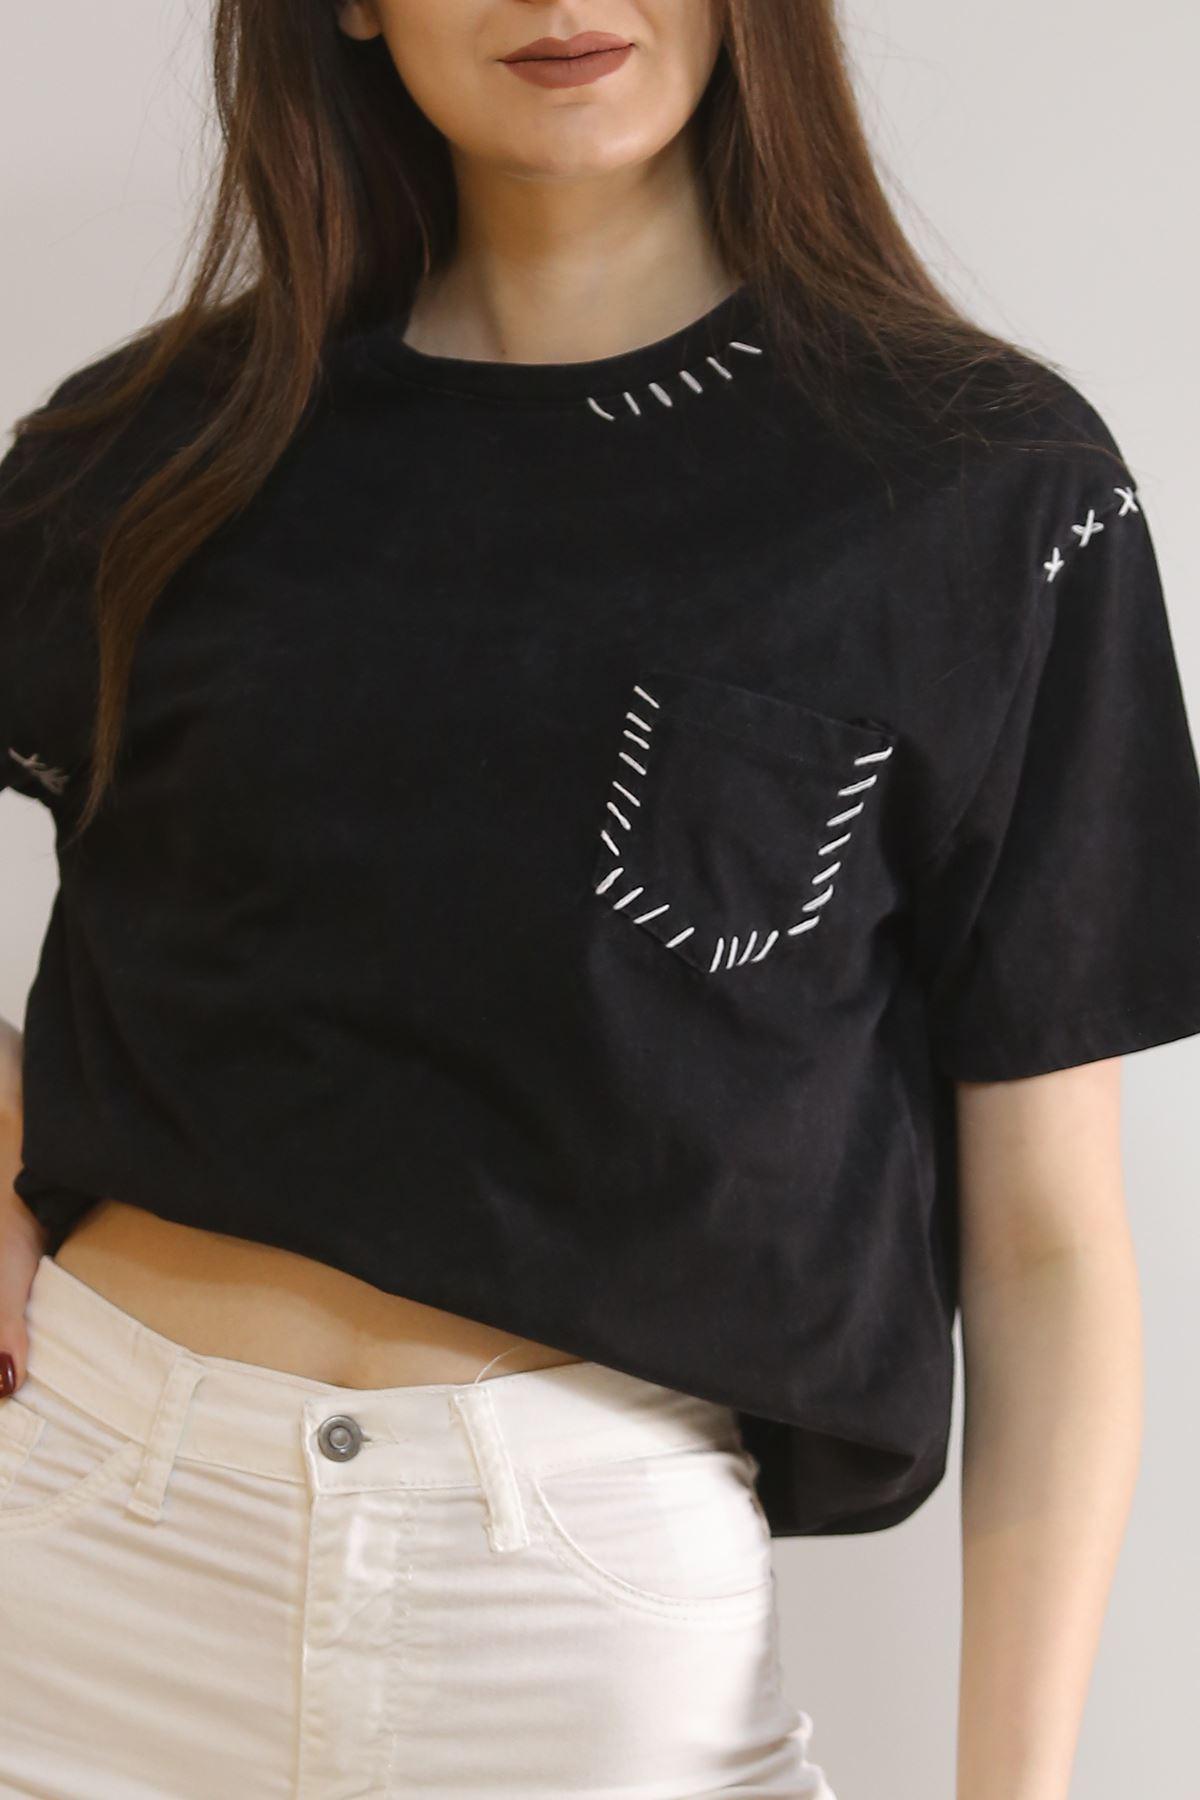 Cepli Tişört Siyah - 2907.196.